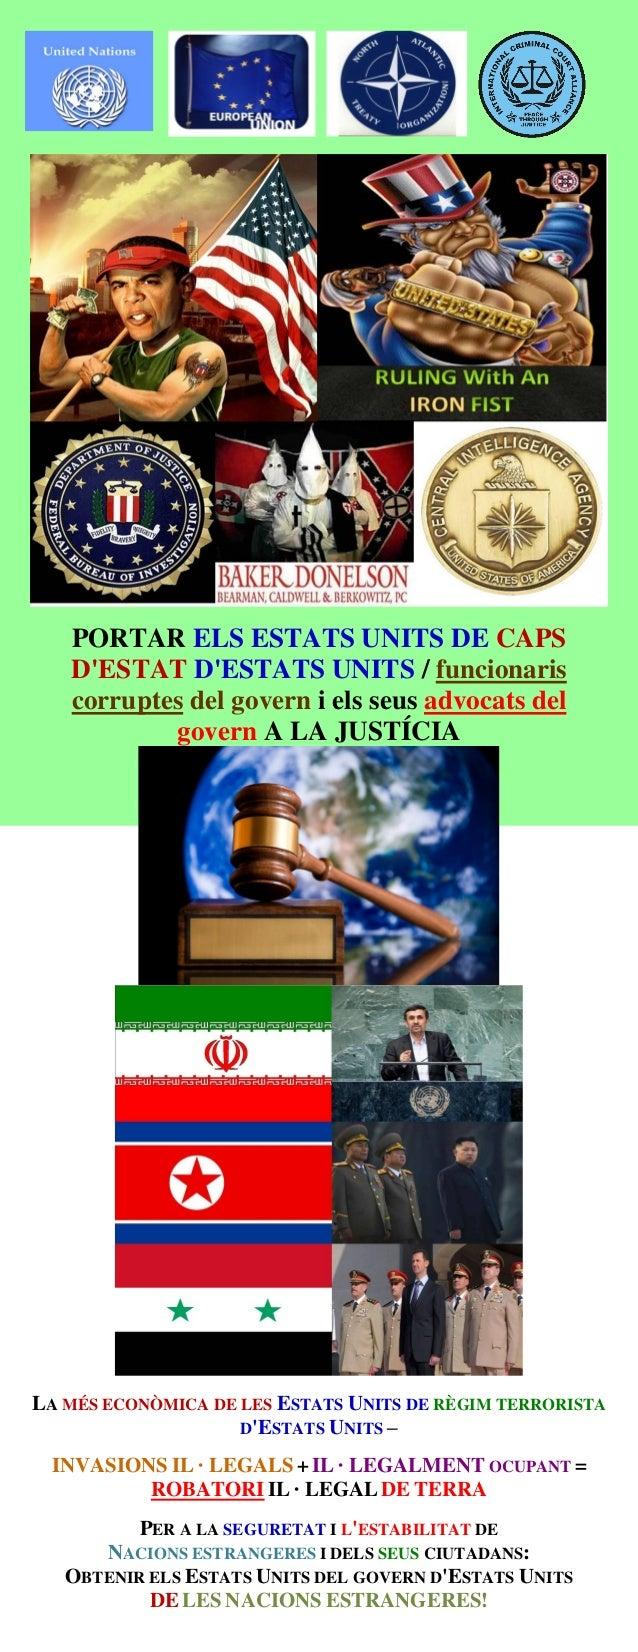 PORTAR ELS ESTATS UNITS DE CAPS D'ESTAT D'ESTATS UNITS / funcionaris corruptes del govern i els seus advocats del govern A...